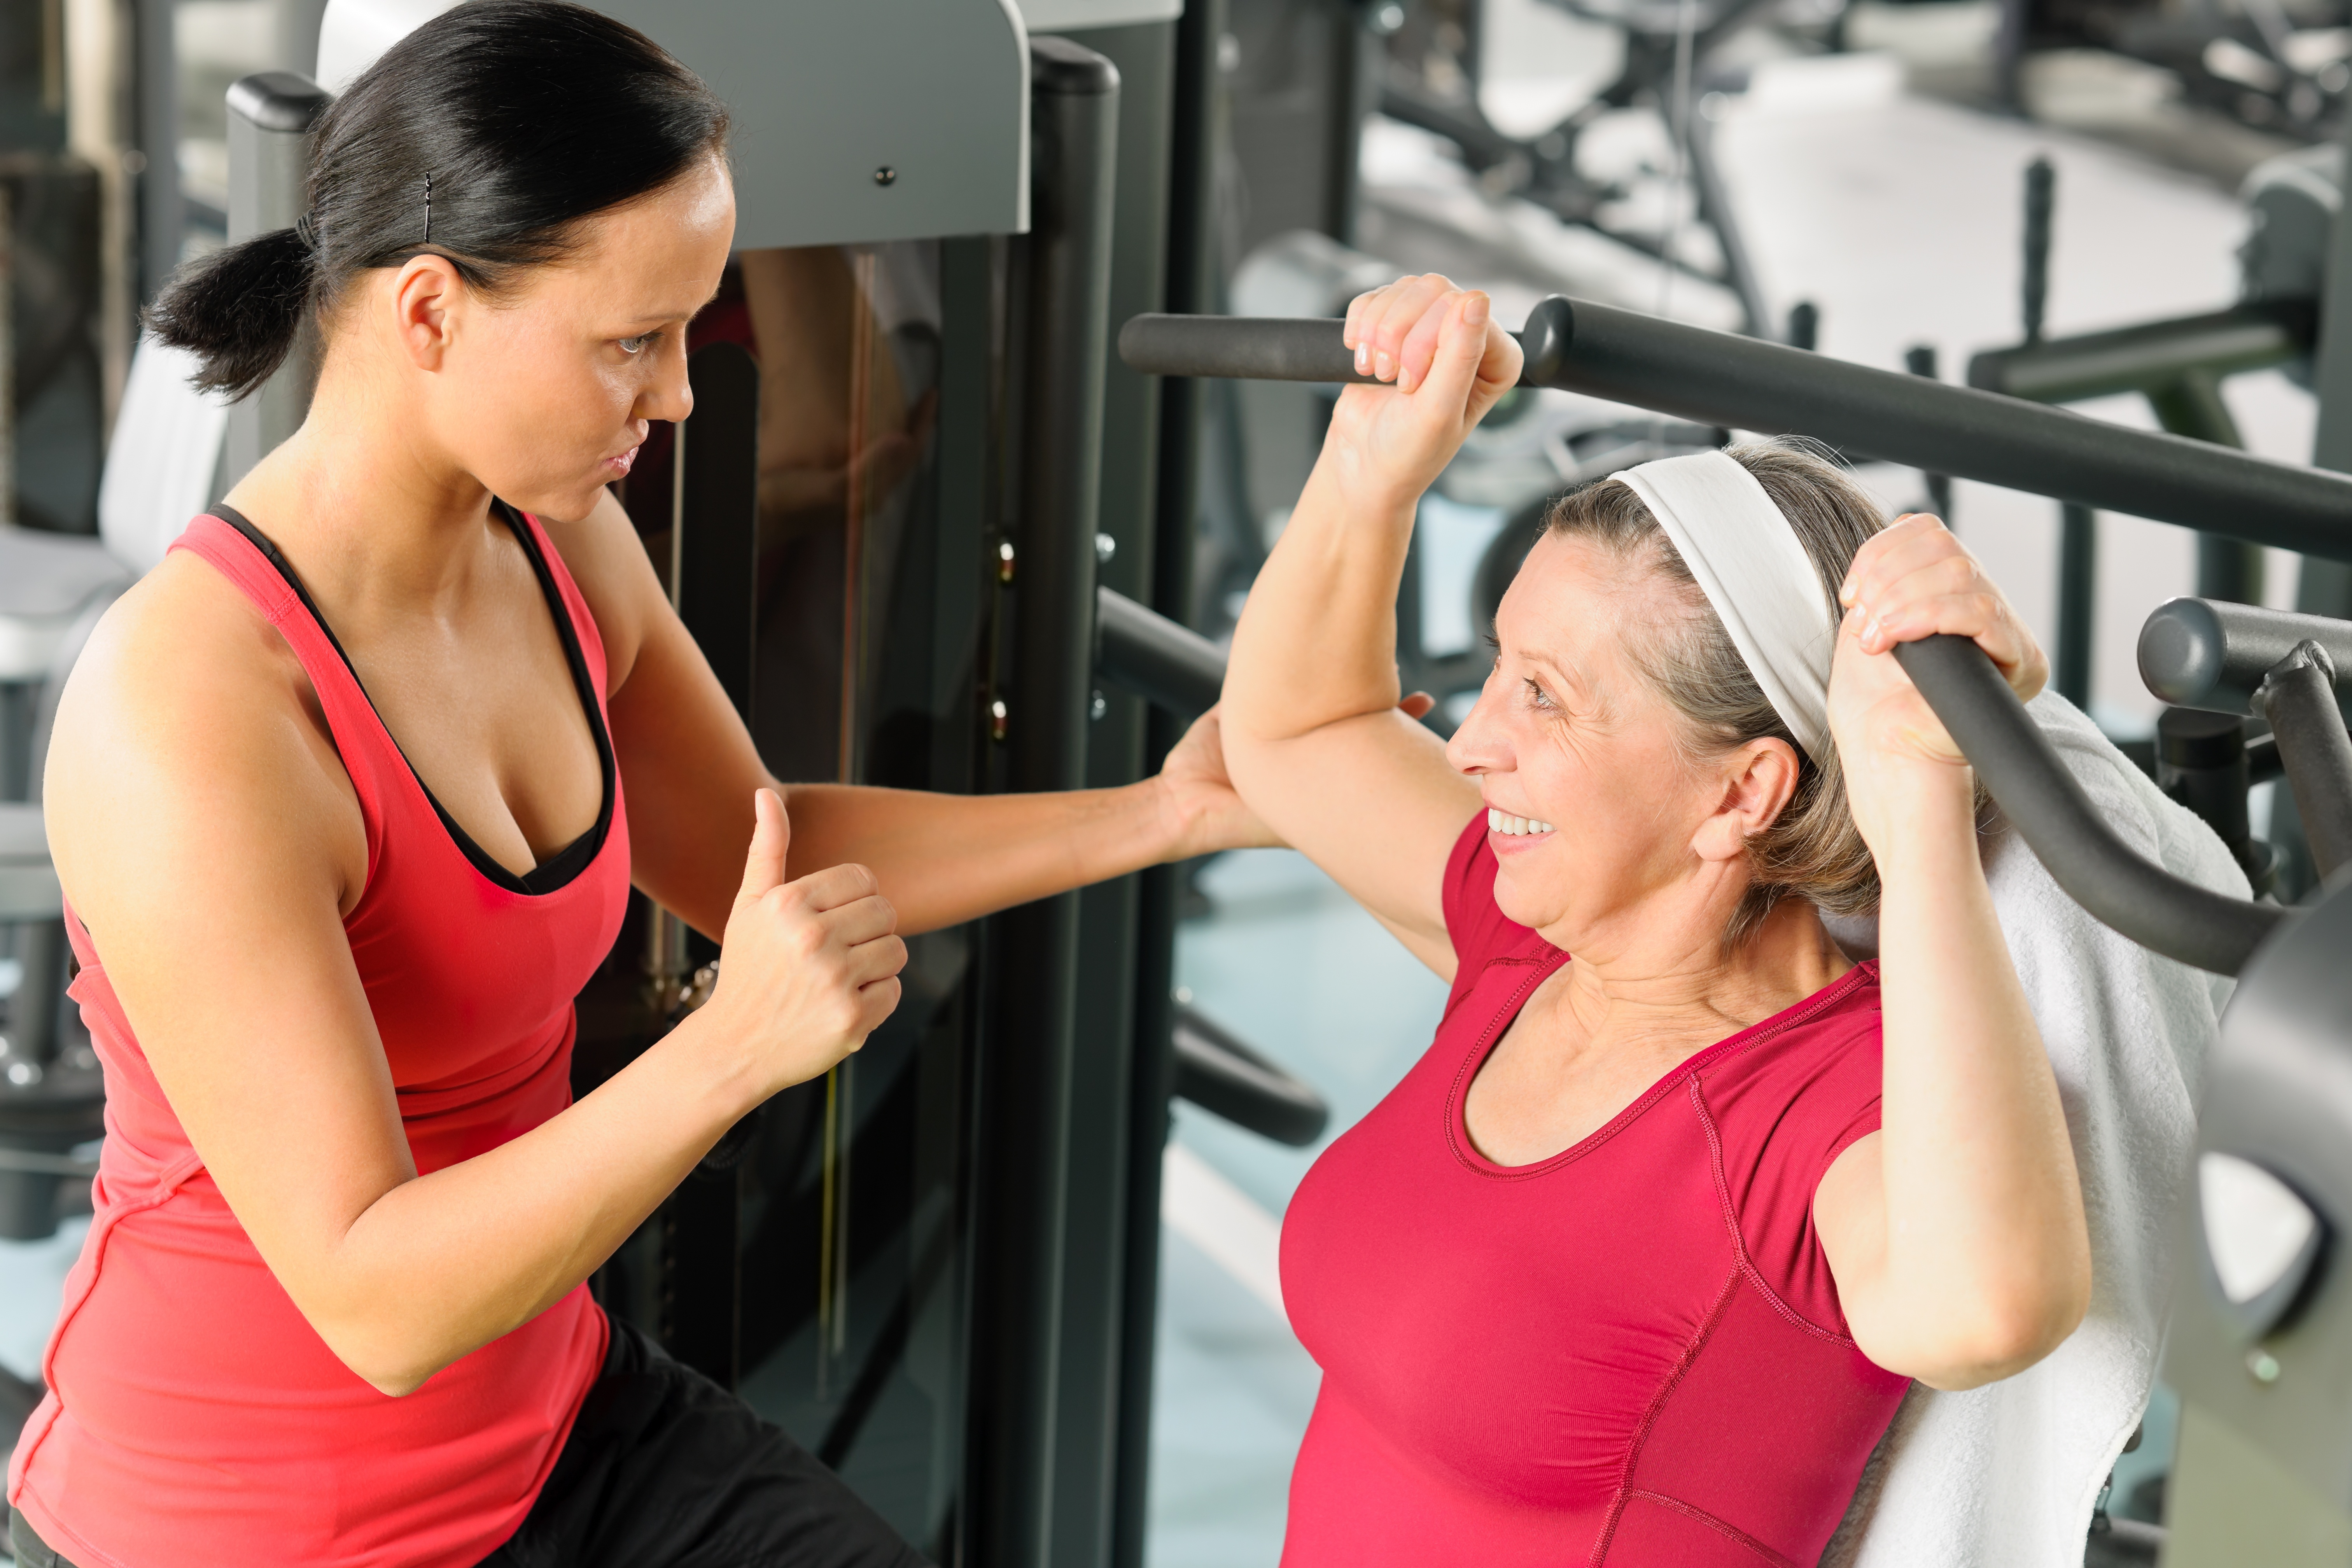 Enseñanza Orthos. Escuela de formación deportiva. Entrenador personal en sala de Fitness